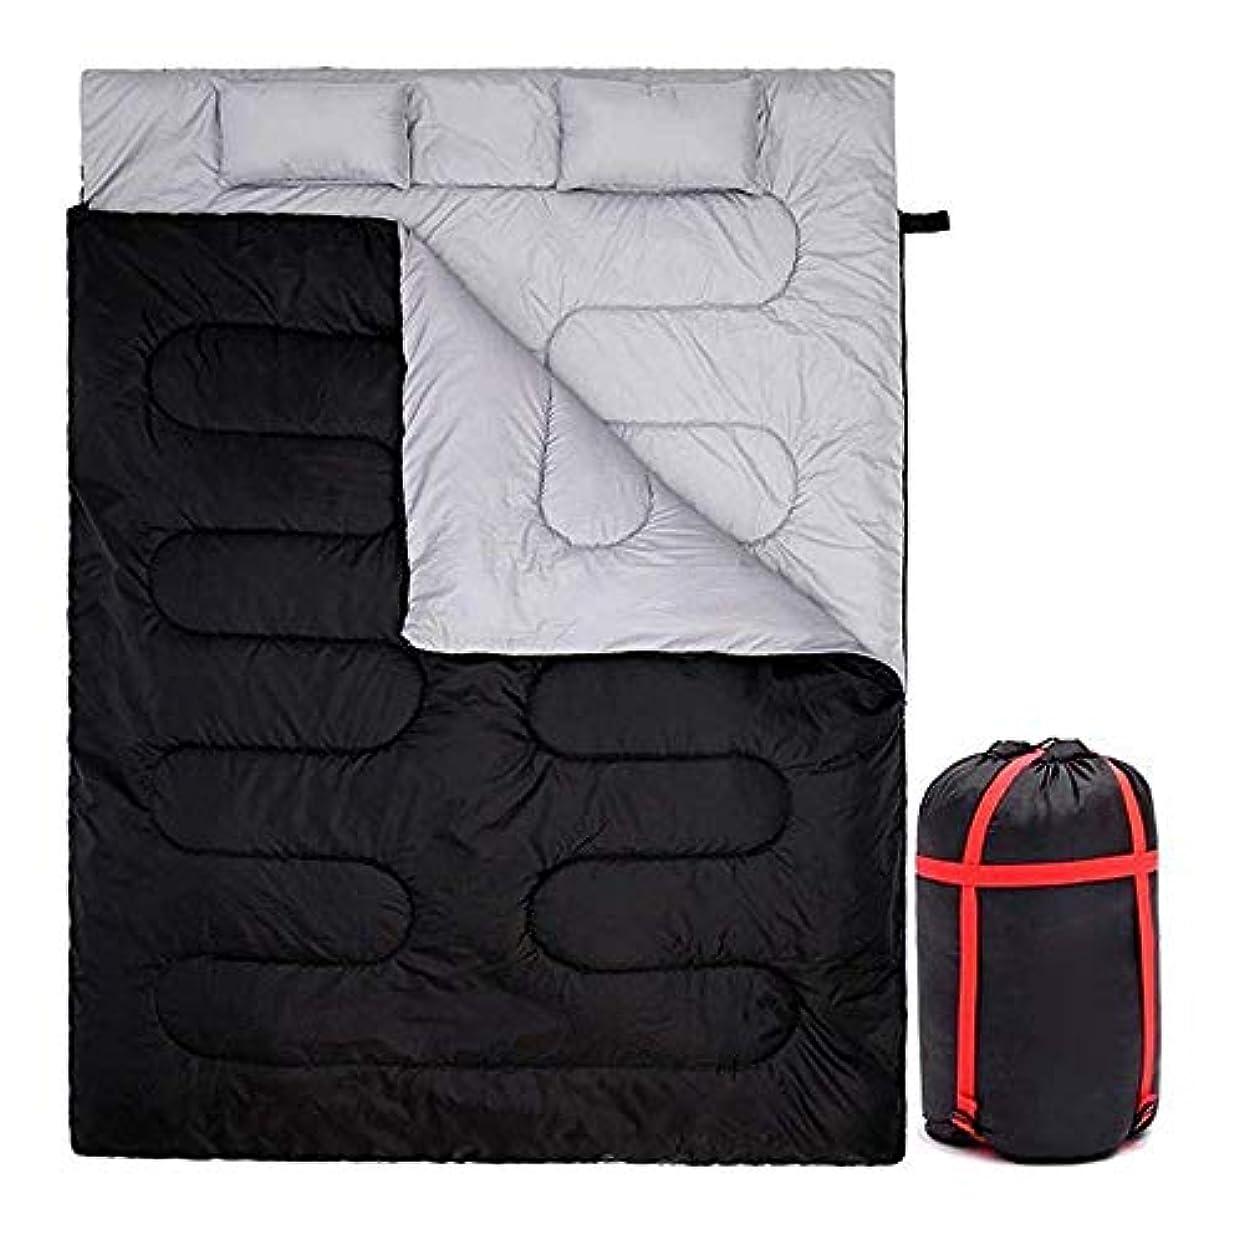 タンク推論特権的カップルダブル寝袋大防水暖かいキャンプ寝袋超軽量ポータブル長方形寝袋ハイキング黒